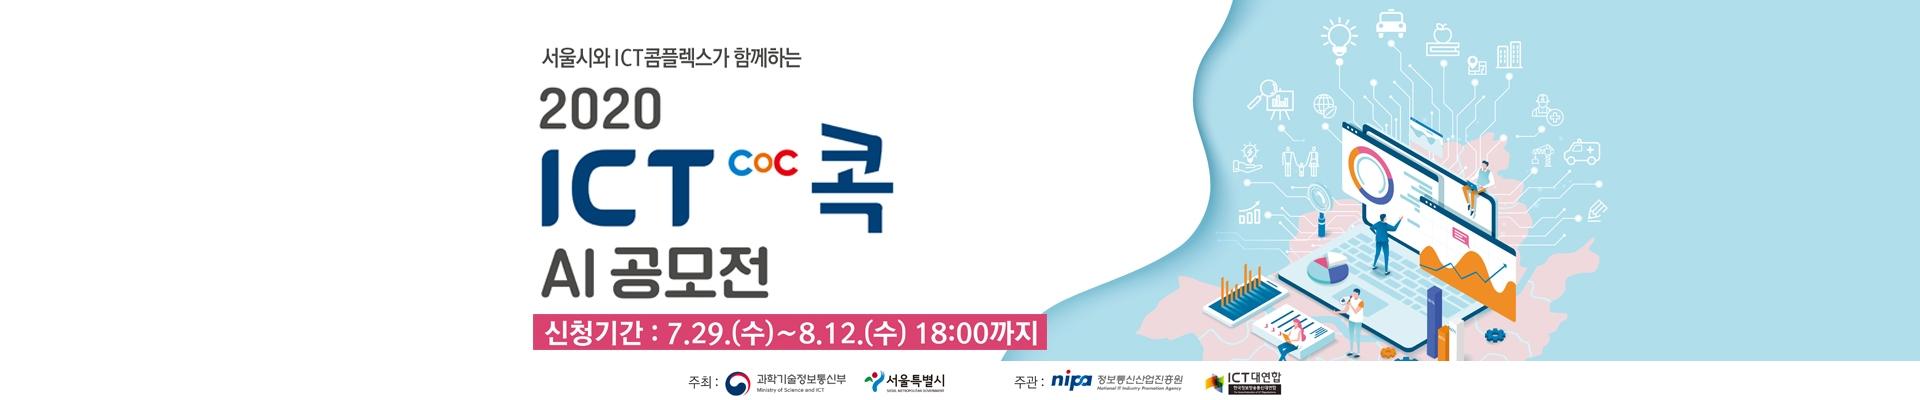 이벤터스_과학기술정보통신부와 서울특별시가 주최하고 정보통신산업진흥원과 ICT대연합이 주관하는 서울시 공공서비스 문제해결을 위한 알고리즘 및 어플리케이션 개발 공모를 진행합니다. 인공지능 기술을 활용한 서울시 공공서비스 문제 해결에 대해 자유주제로 공모전을 진행합니다.